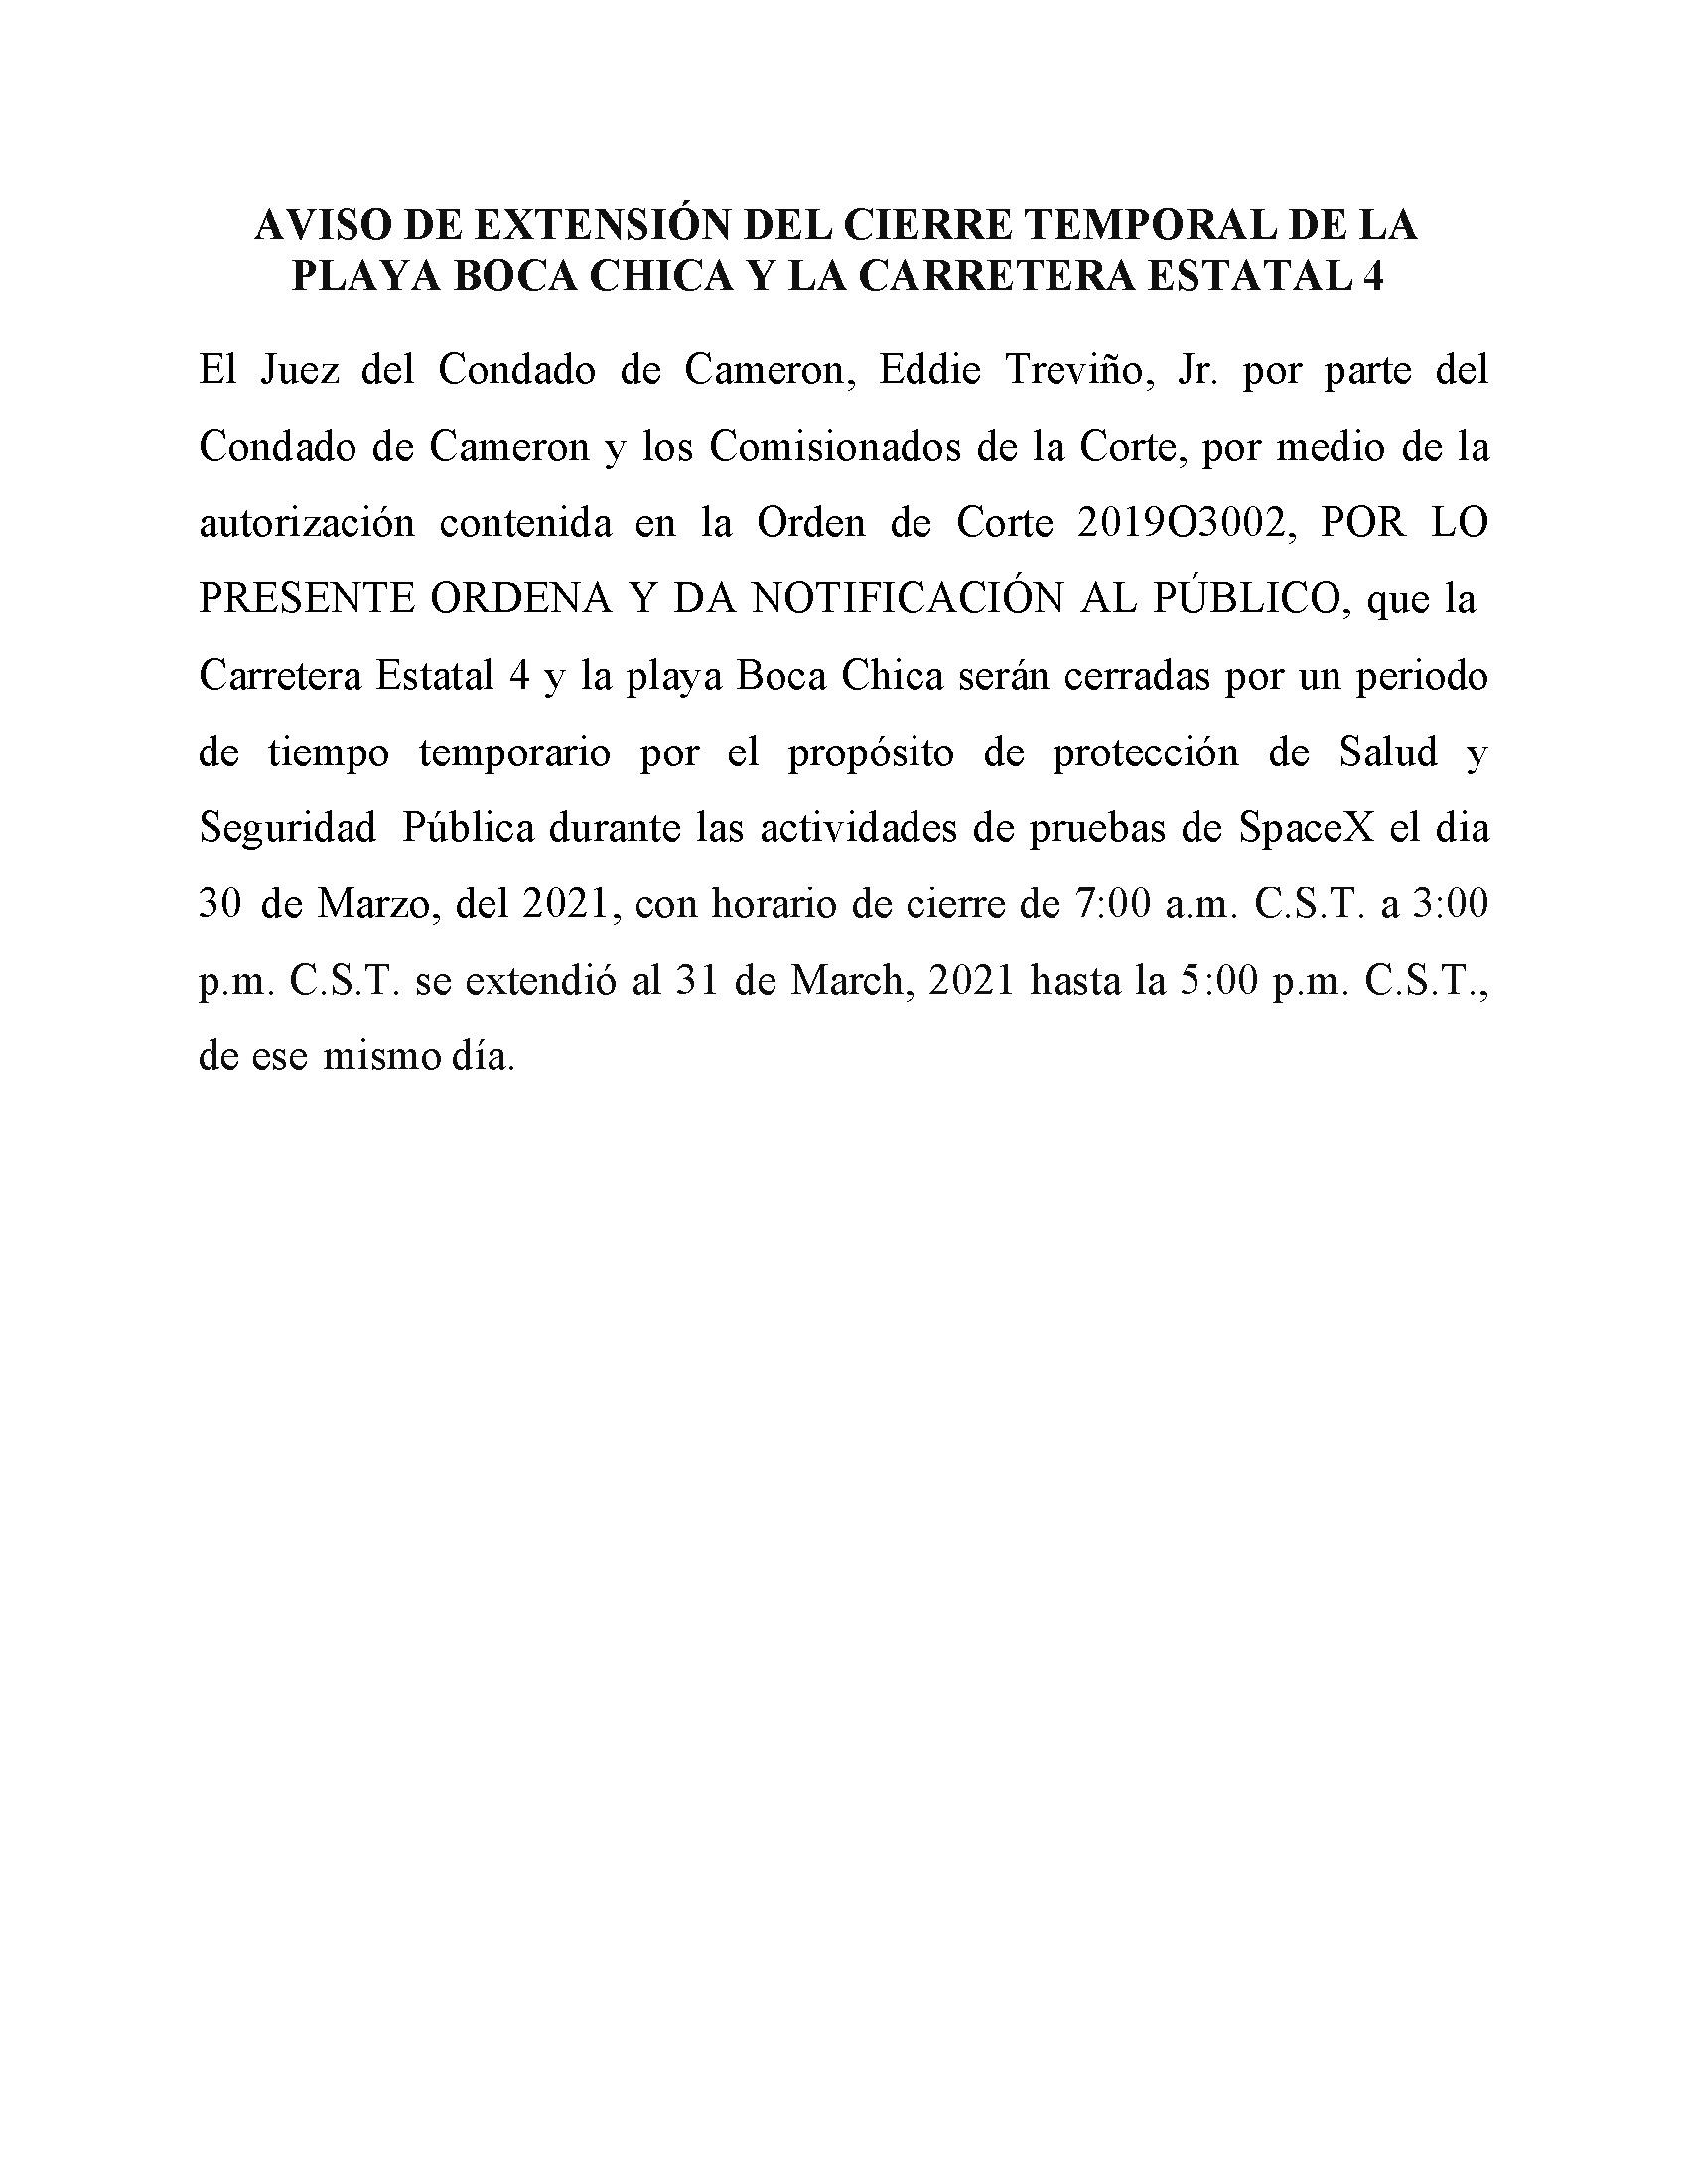 03.30 31.2021 Order In Spanish